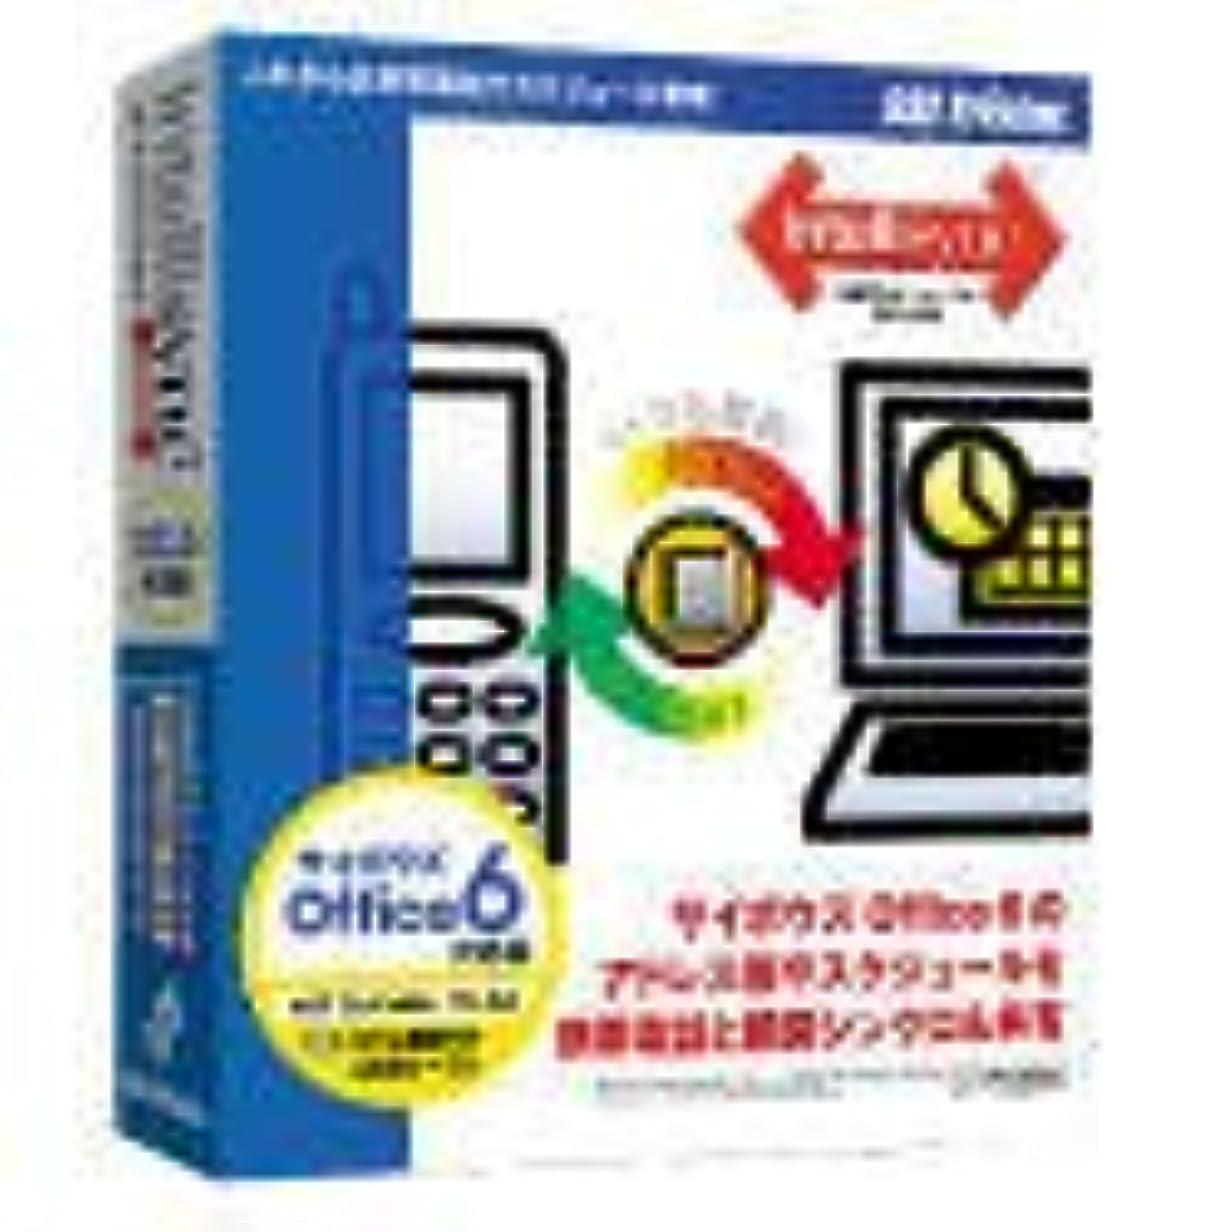 クルー小説錫Intellisync 5.2J サイボウズ Office 6 対応版 NTT DoCoMo?TU-KA用モデム機能付きUSBケーブル付属 for Windows